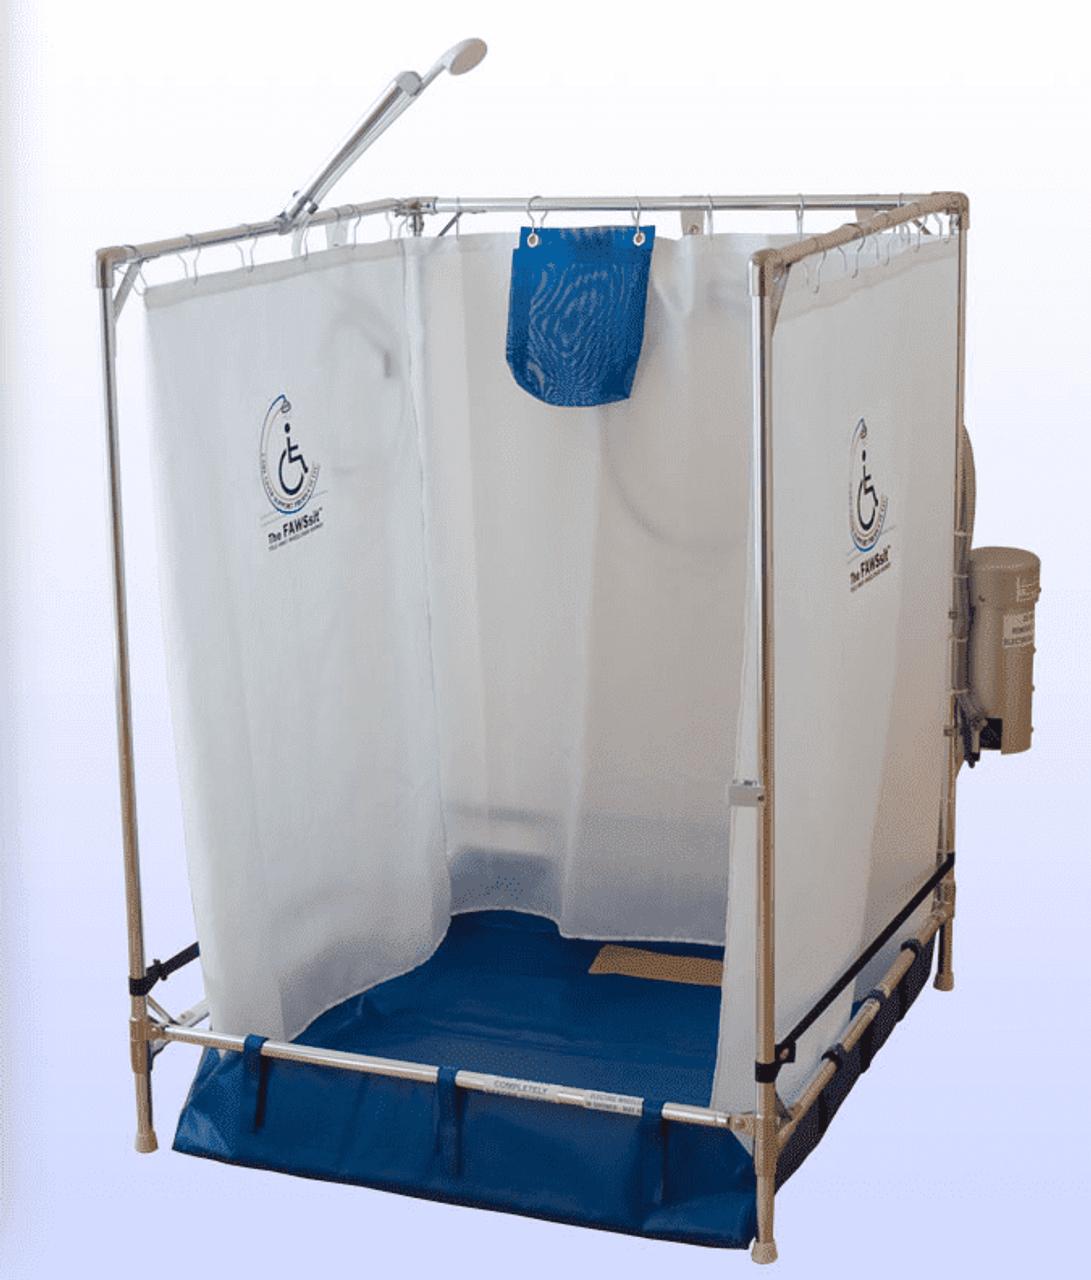 Wonderful FAWSsit S2000 Indoor Shower